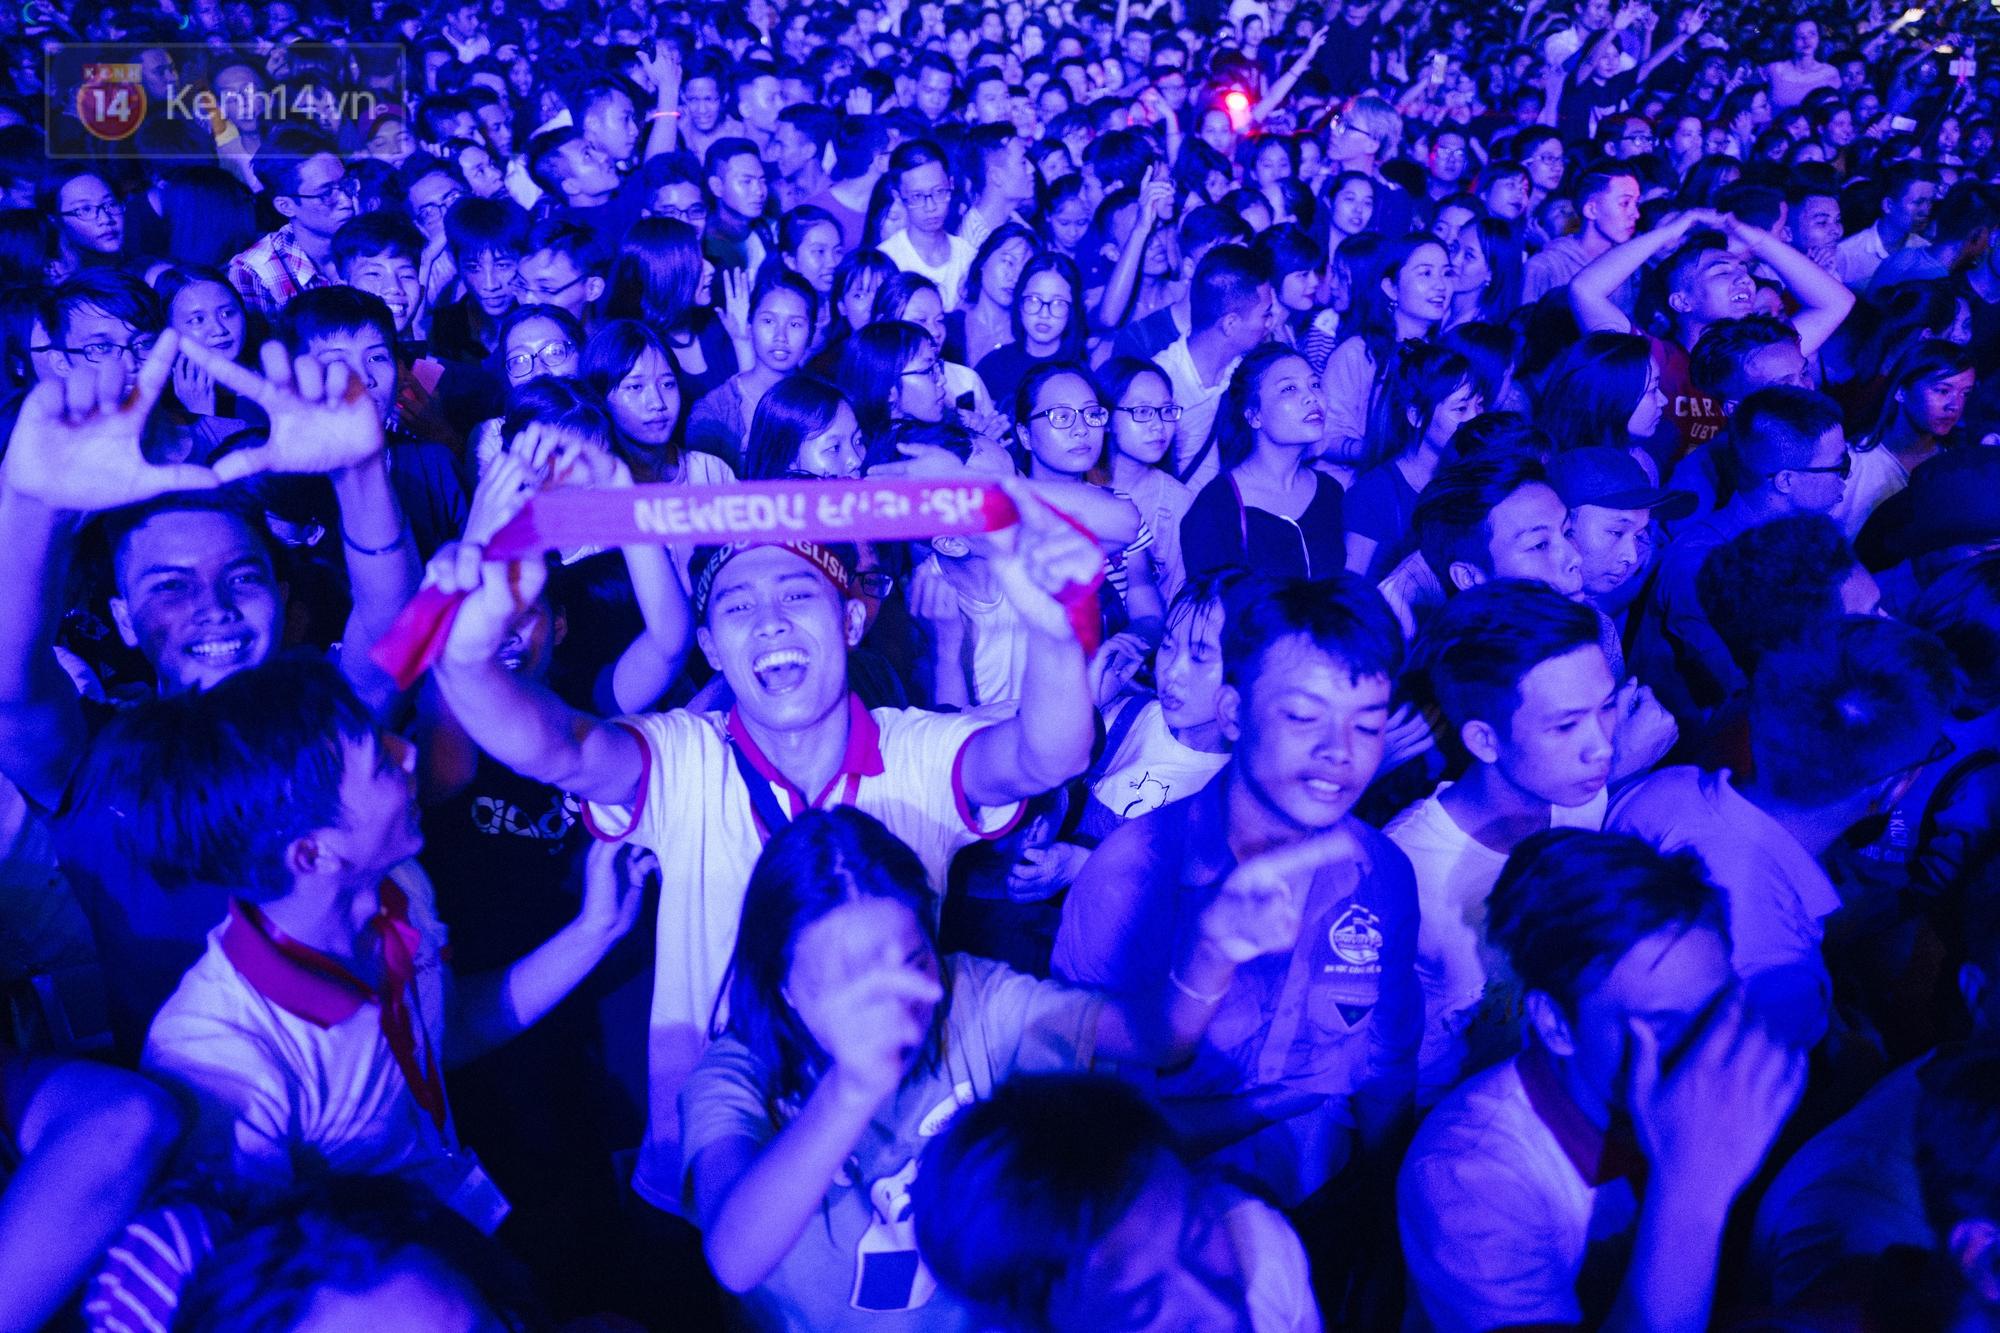 Giới trẻ Hà Nội bùng cháy với Nhạc hội Chào tân sinh viên 2017 không thể sôi động hơn - Ảnh 9.